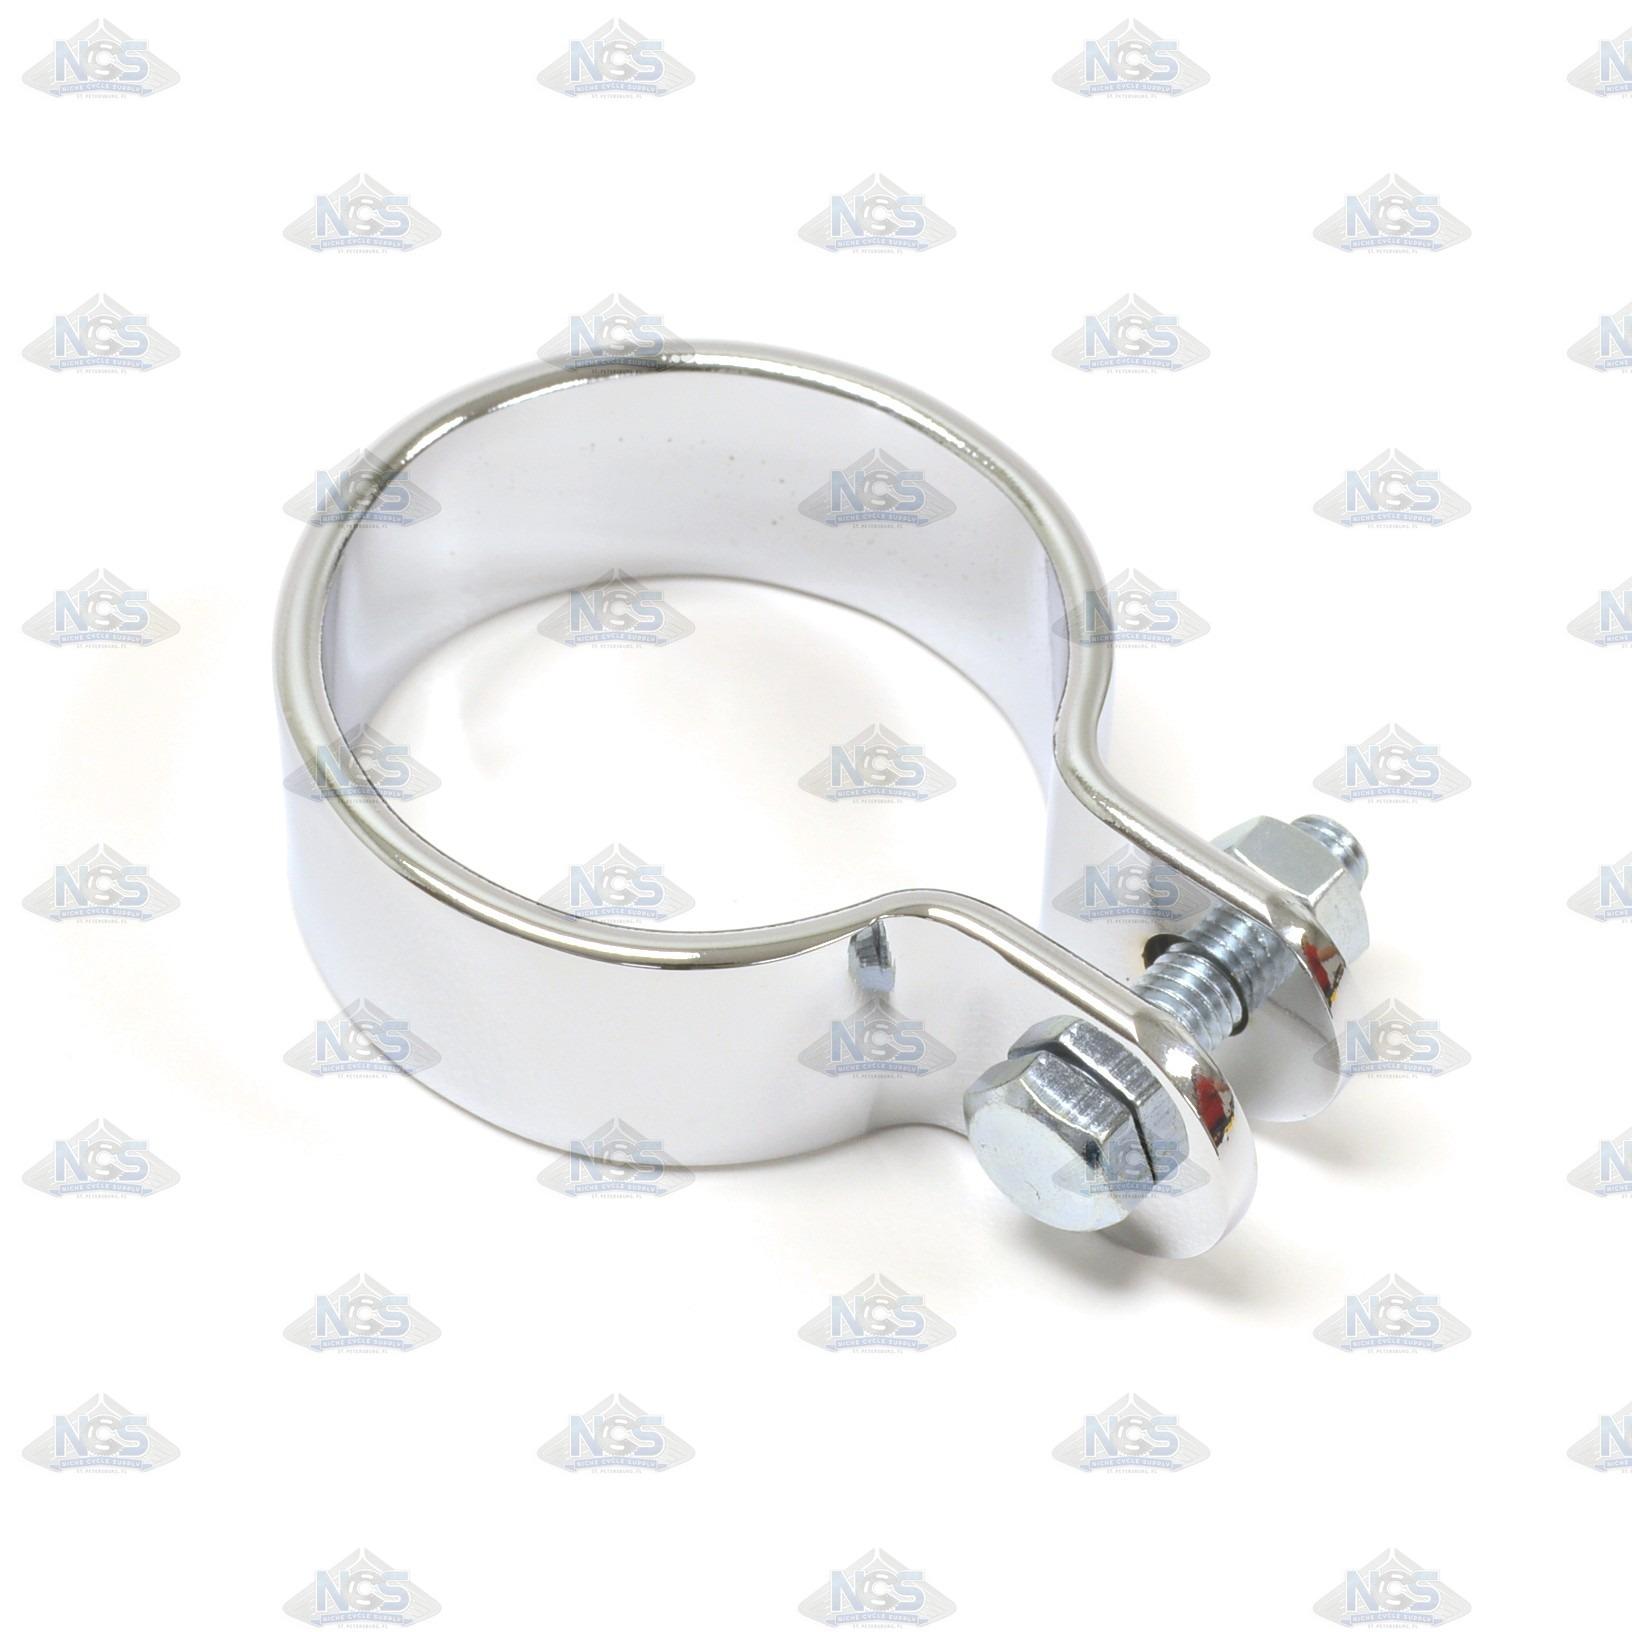 Center clamp muffler